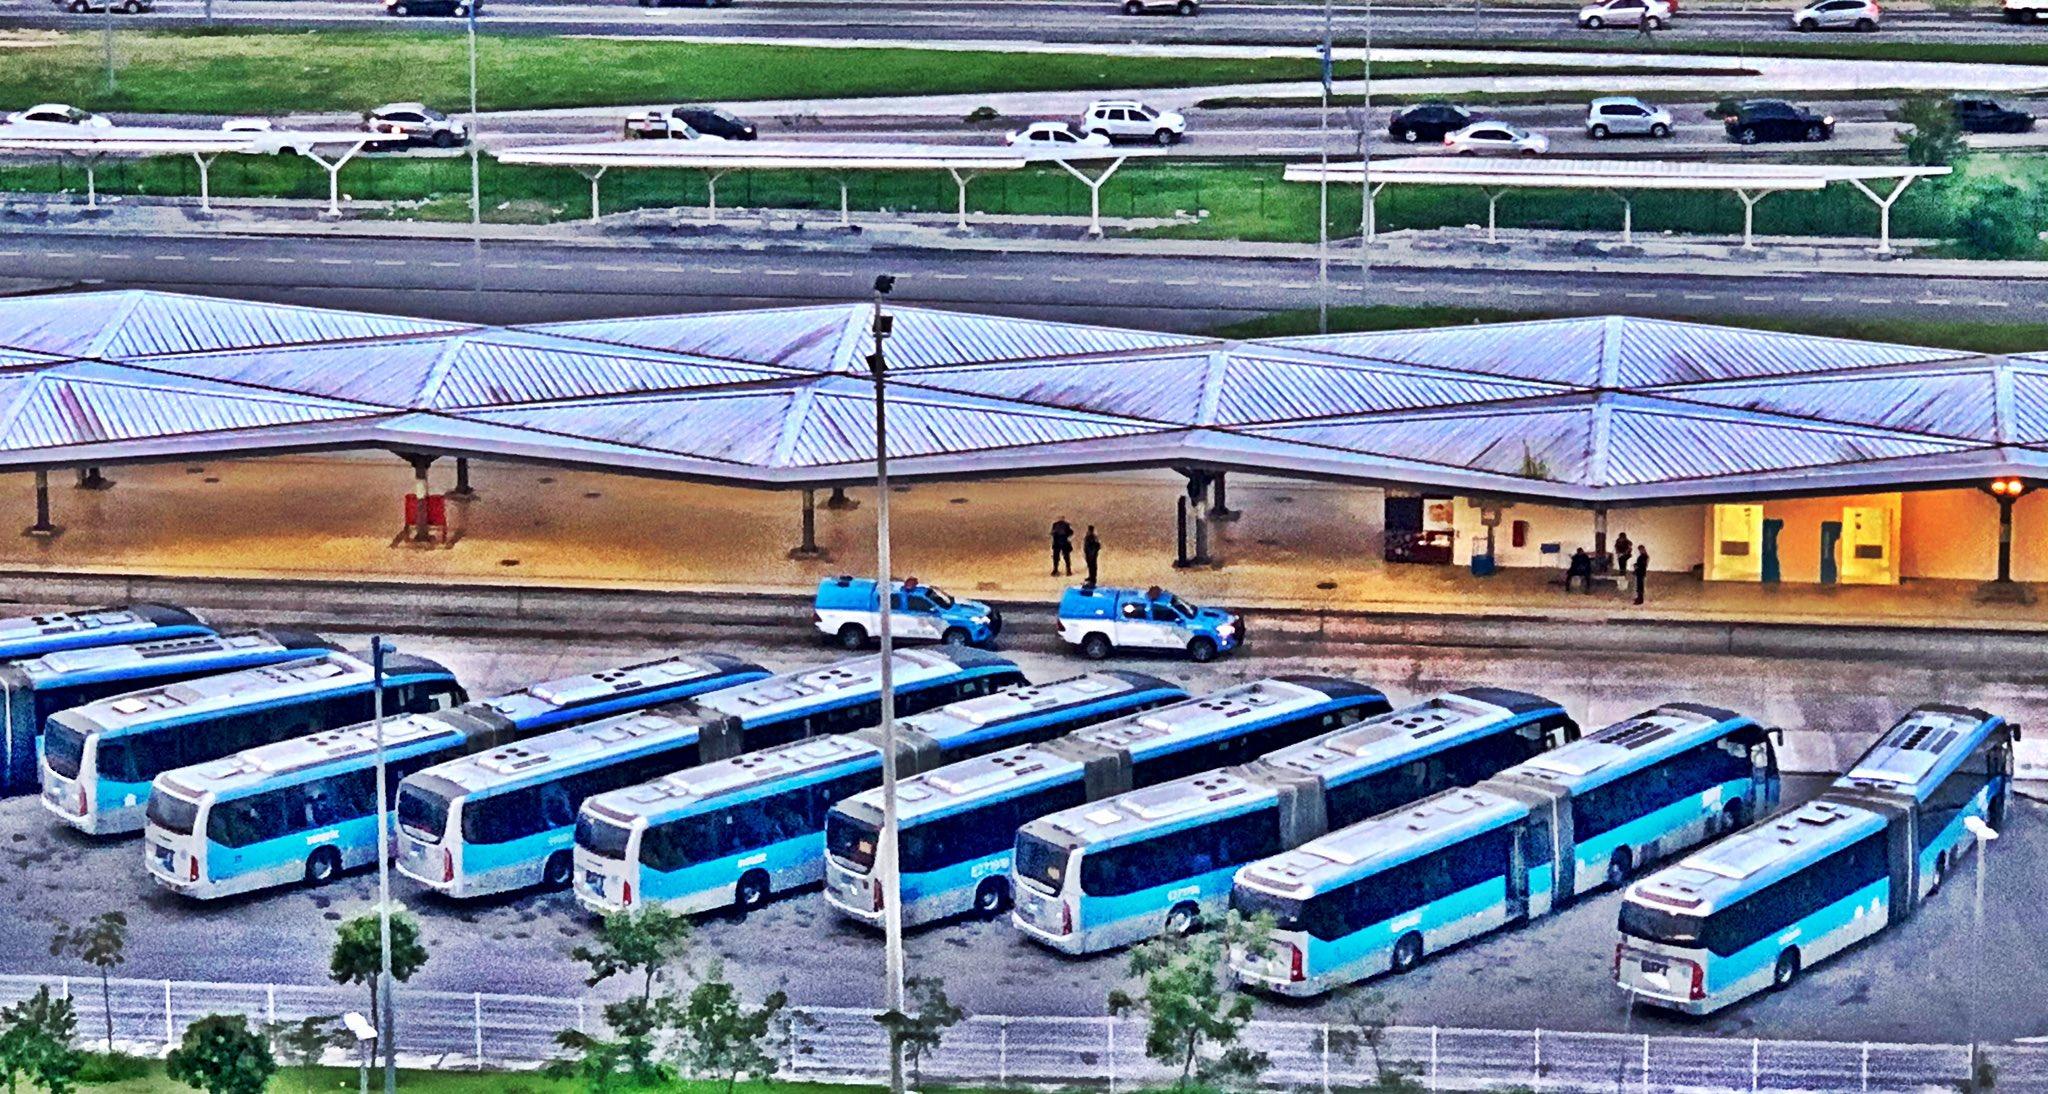 Paralisação do BRT Rio entra na noite desta segunda-feira e cidade vive um caos no transporte